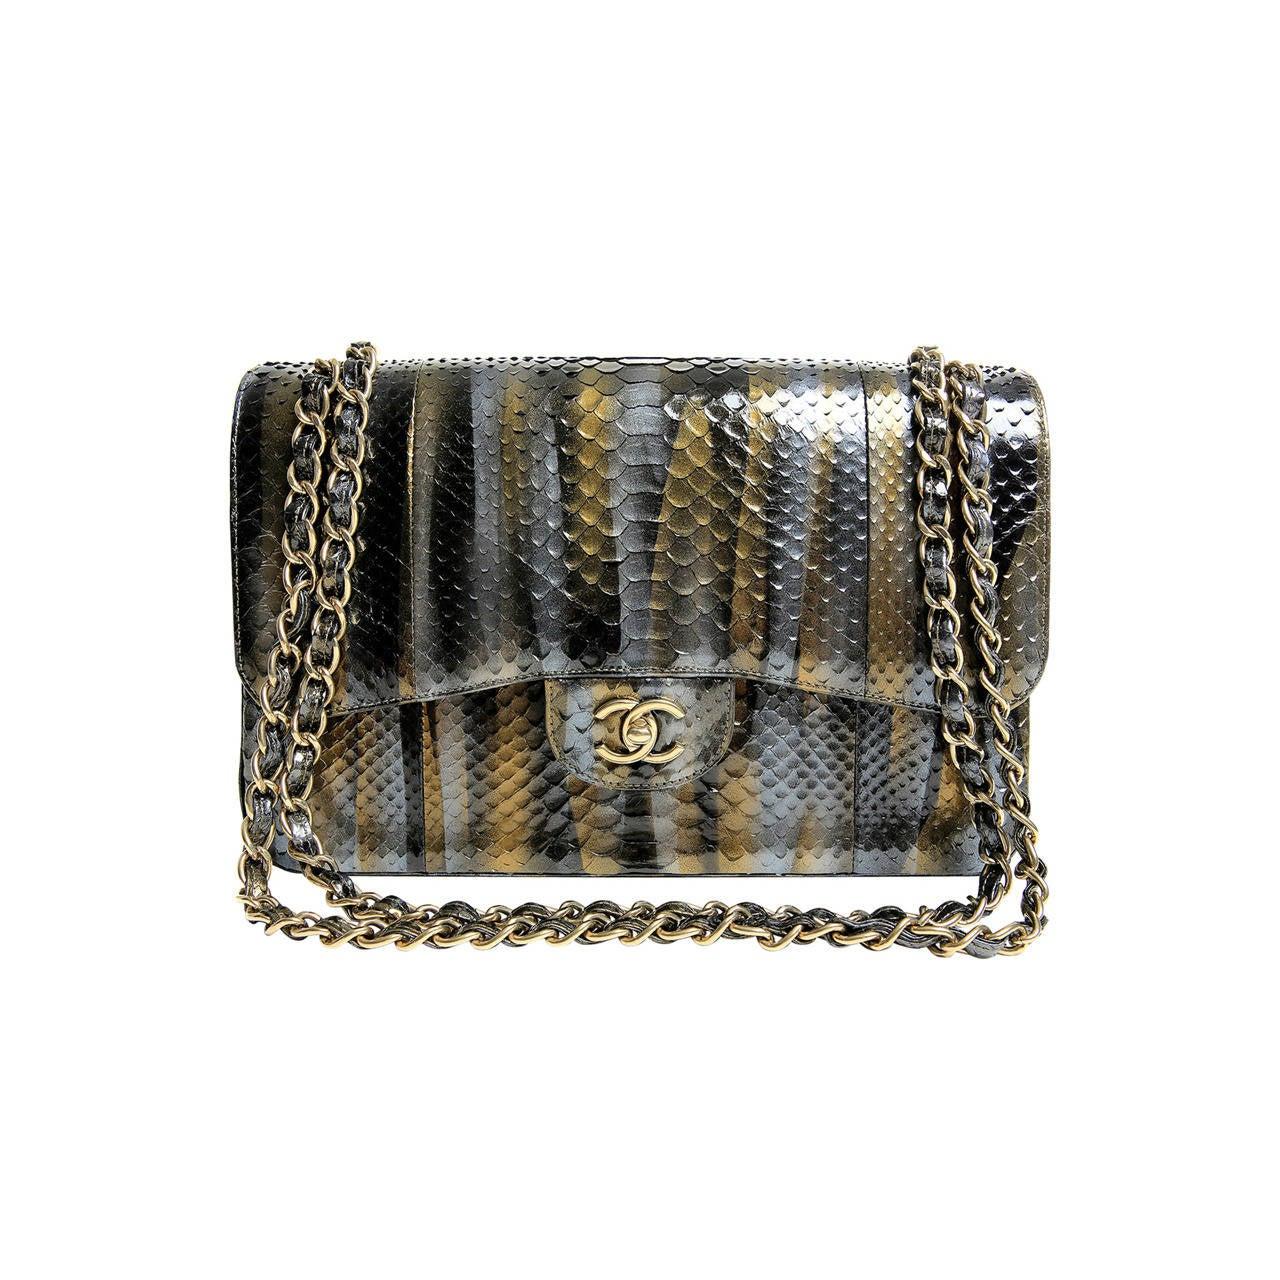 Chanel Jumbo Classic Metallic Python- Double Flap 1